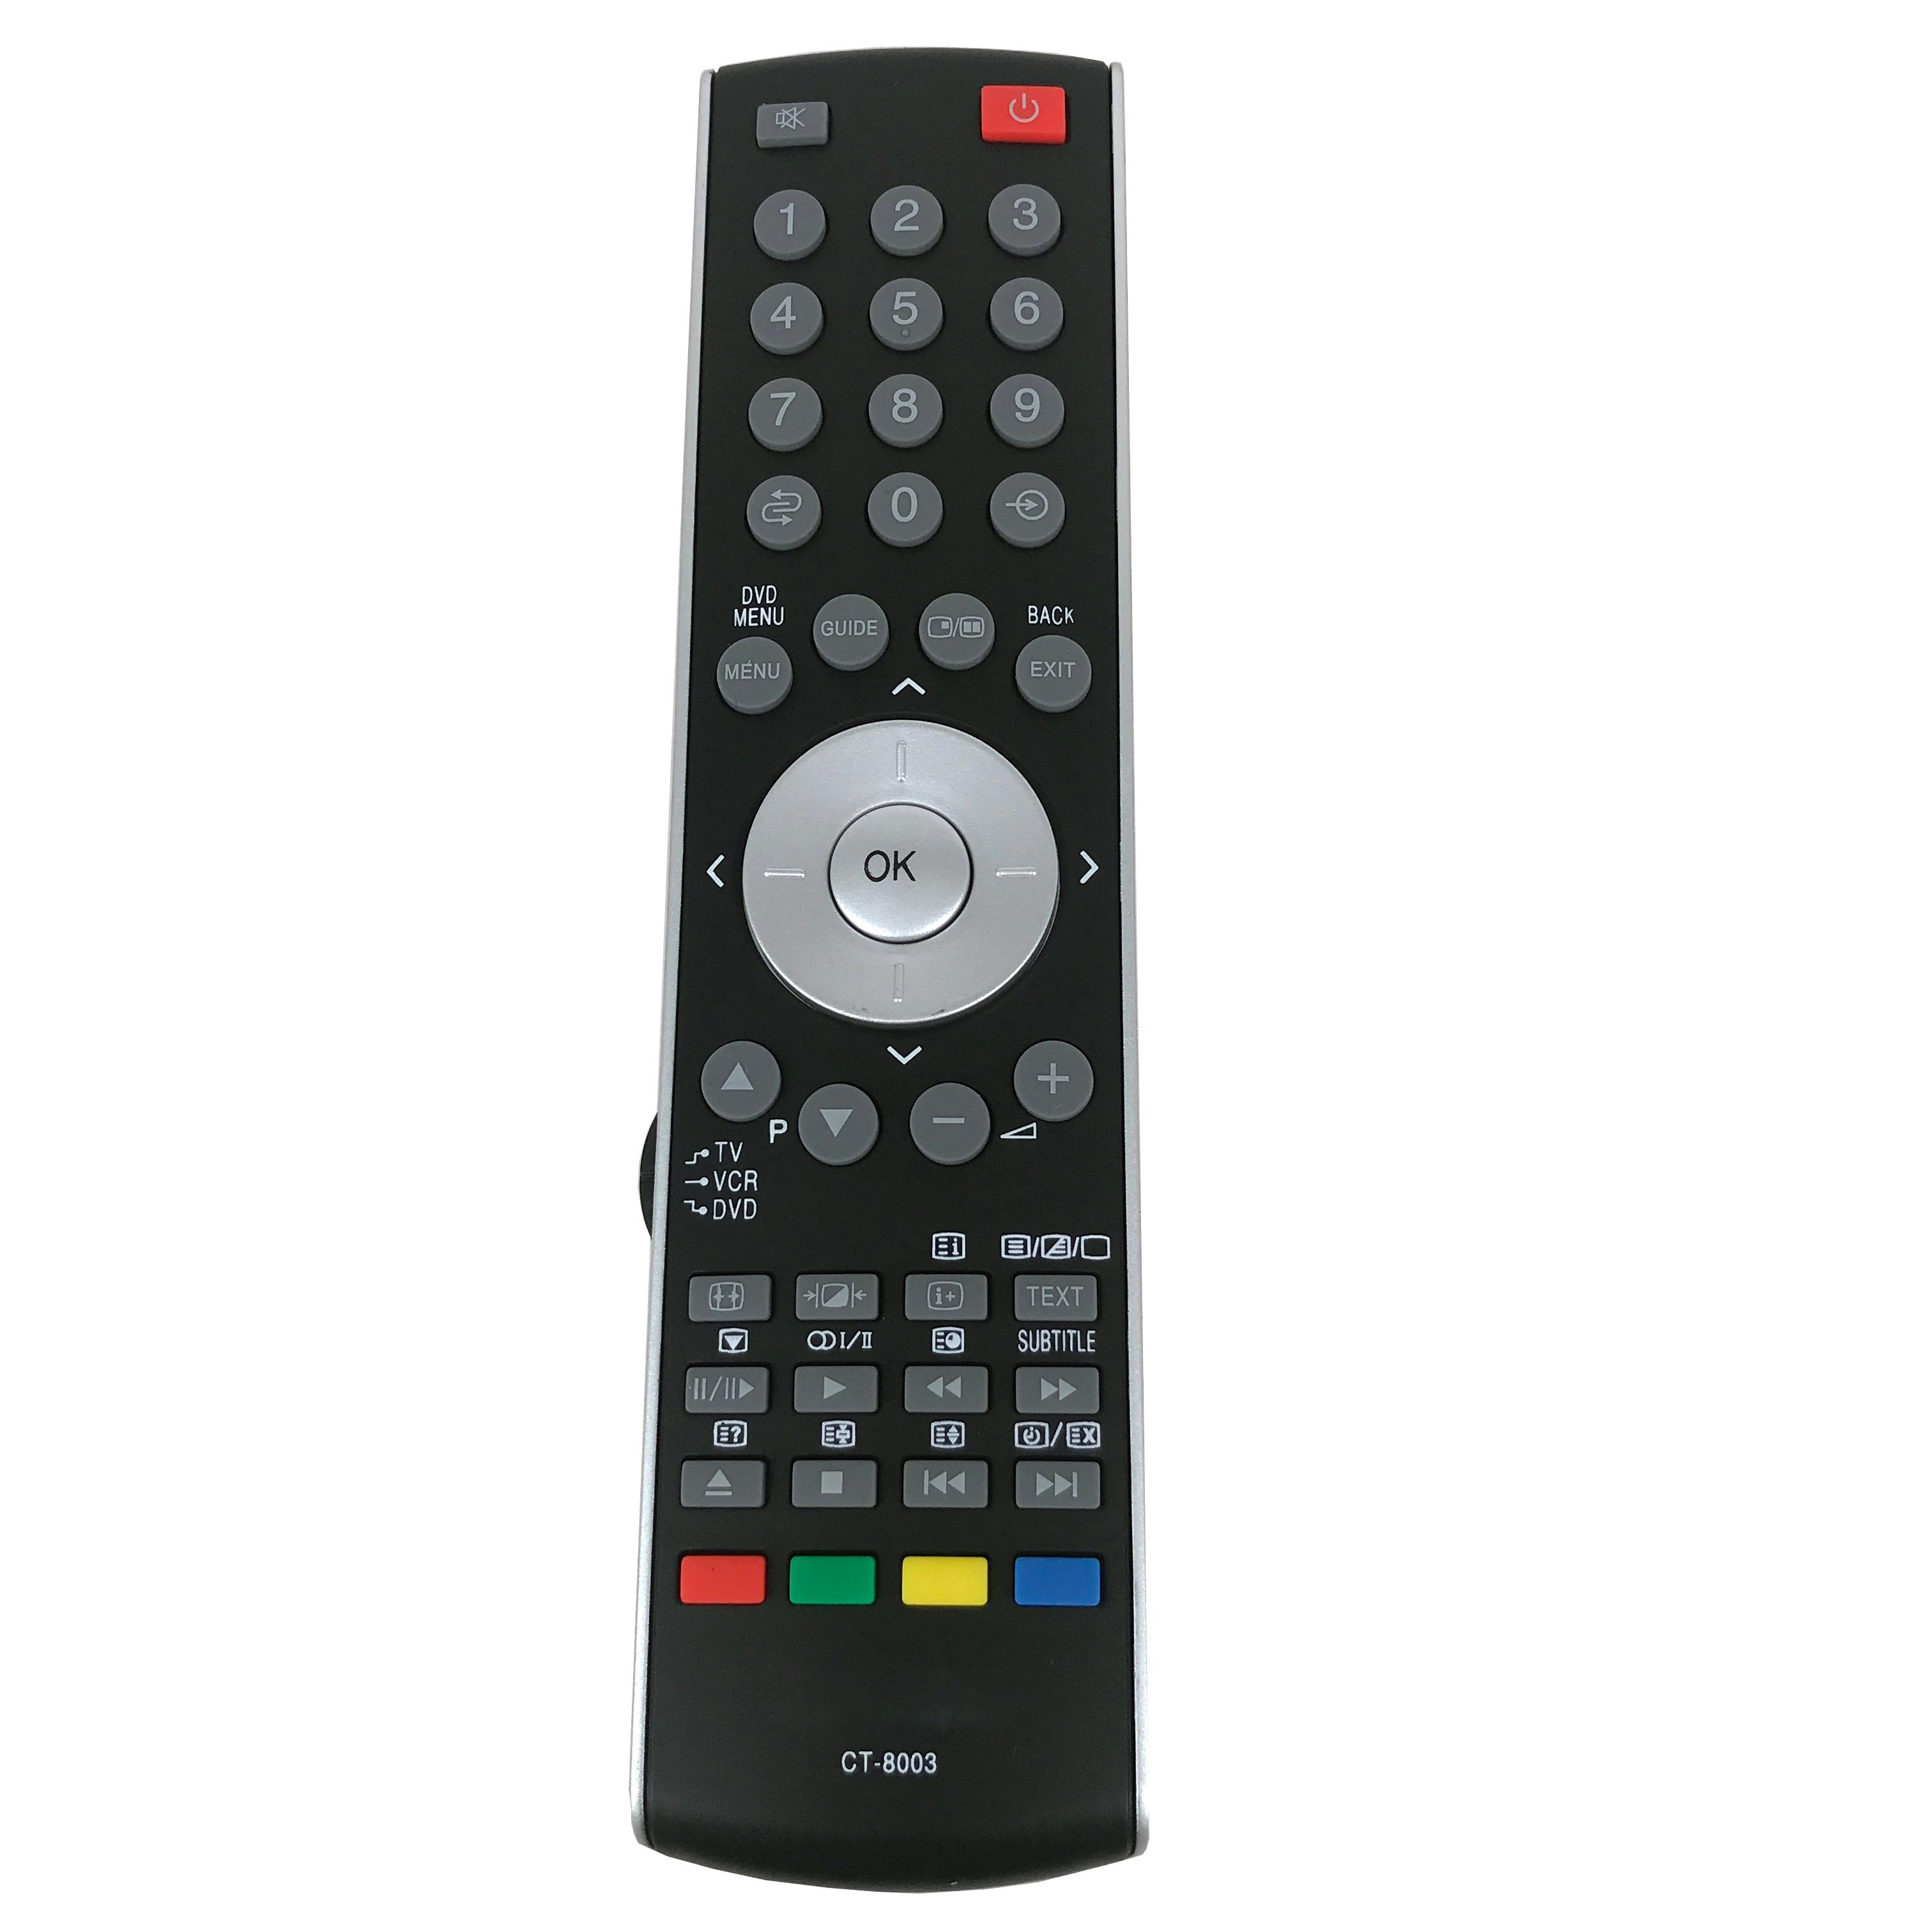 NEW remote control CT-8003 For Toshiba TV CT-90126 CT-8002 CT-90210 CT-8013 CT-90146 32AV504 32AV505 37AV503 32AV555D 37WLT68P